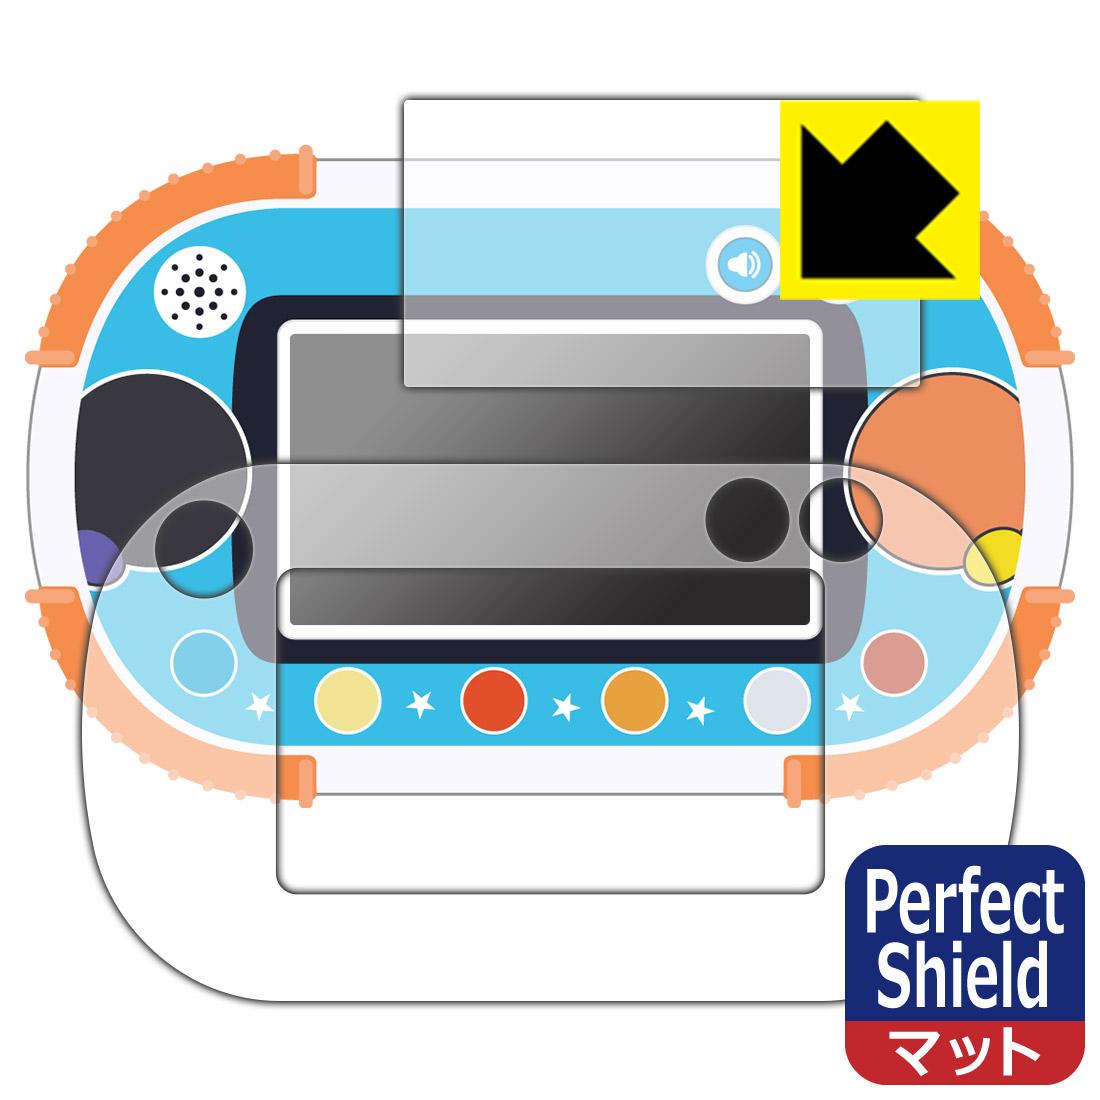 アンチグレアタイプ 非光沢 1.5才からタッチでカンタン アンパンマン知育パッド 用 画面用 ふち用 贈答品 返品不可 保護シート 2枚組 Shield smtb-kd Perfect 専用保護フィルム 液晶保護フィルム